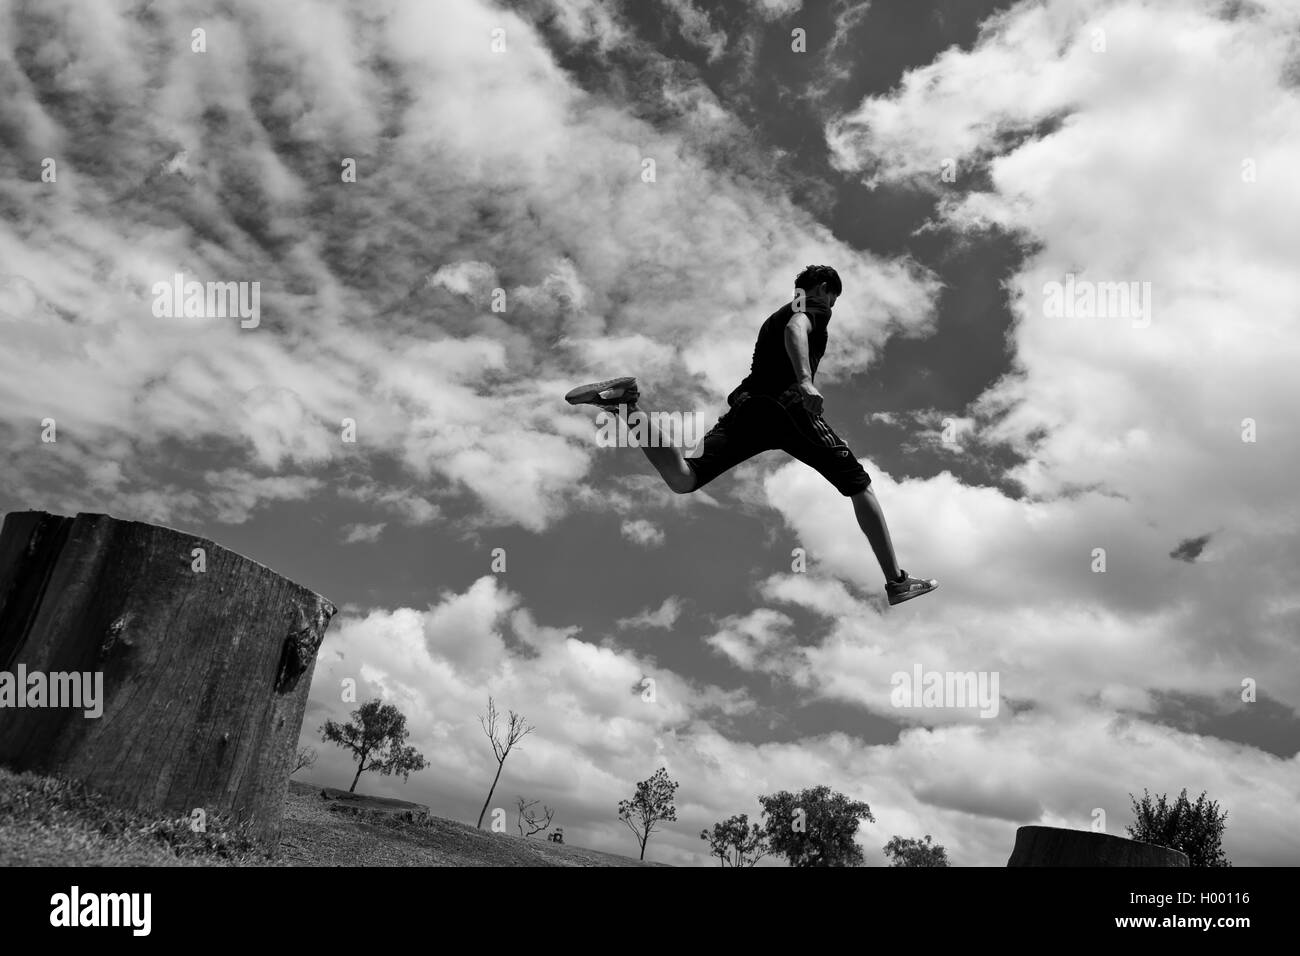 Un colombiano parkour runner realiza un salto de altura durante una marcha libre ejercicio de entrenamiento del Imagen De Stock